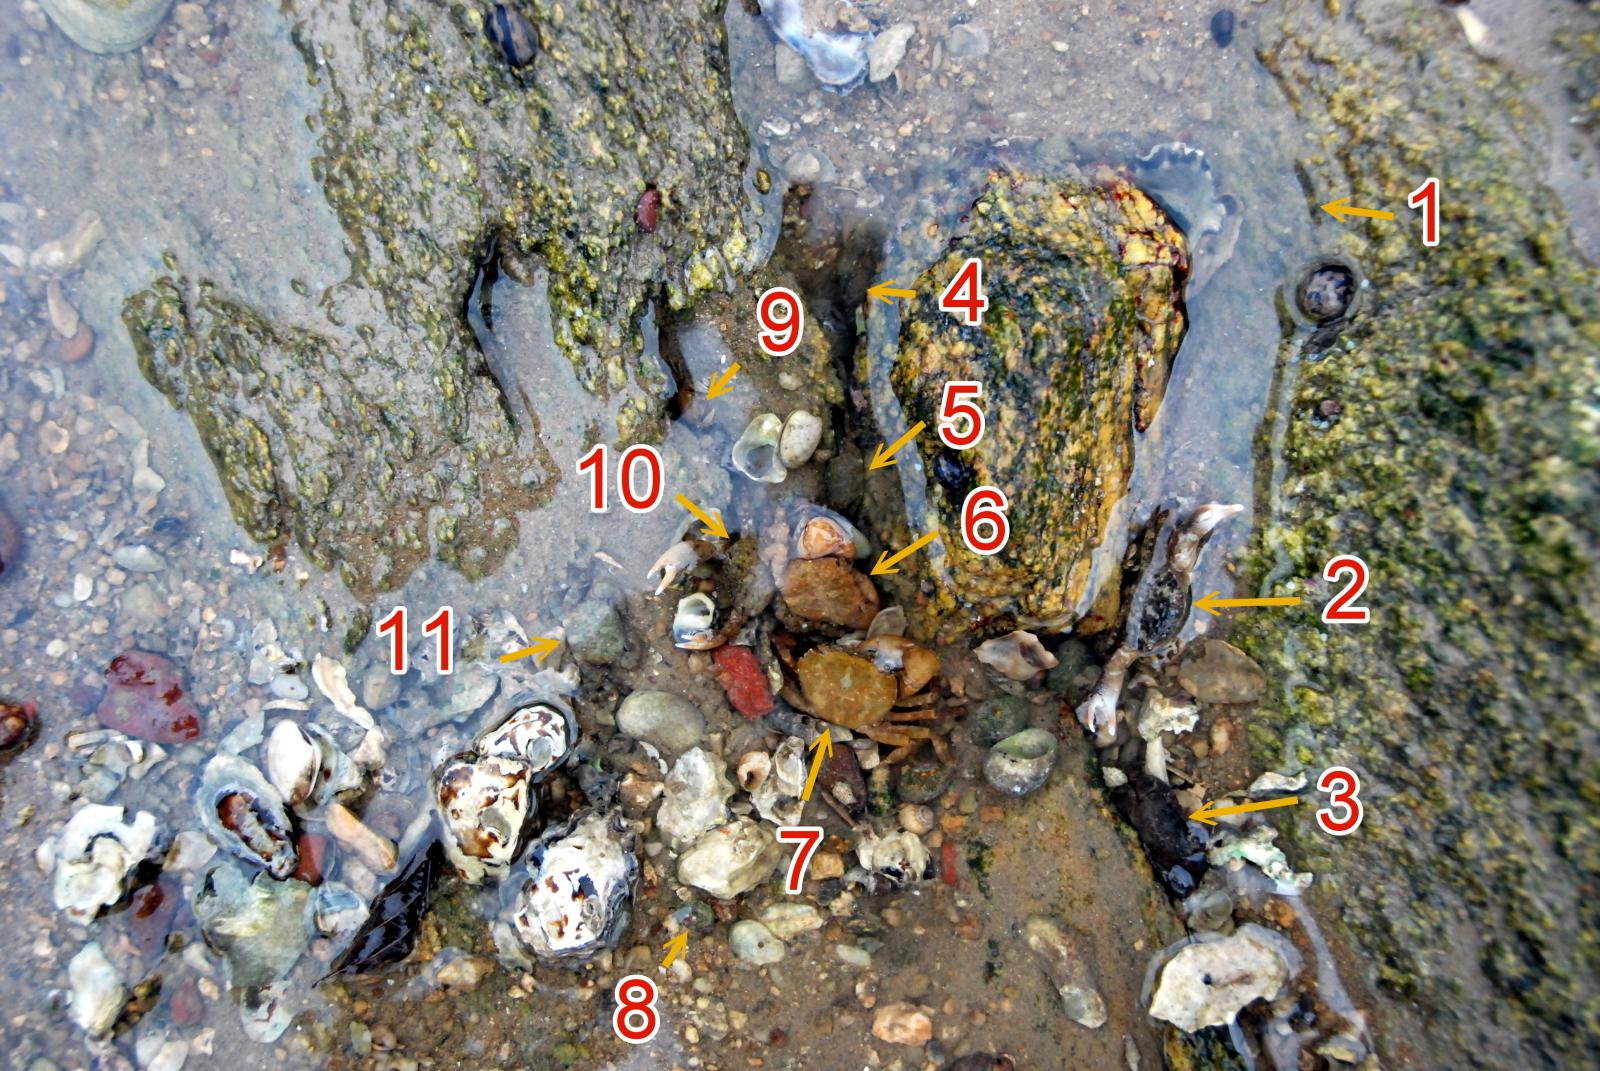 螃蟹有幾隻m.jpg